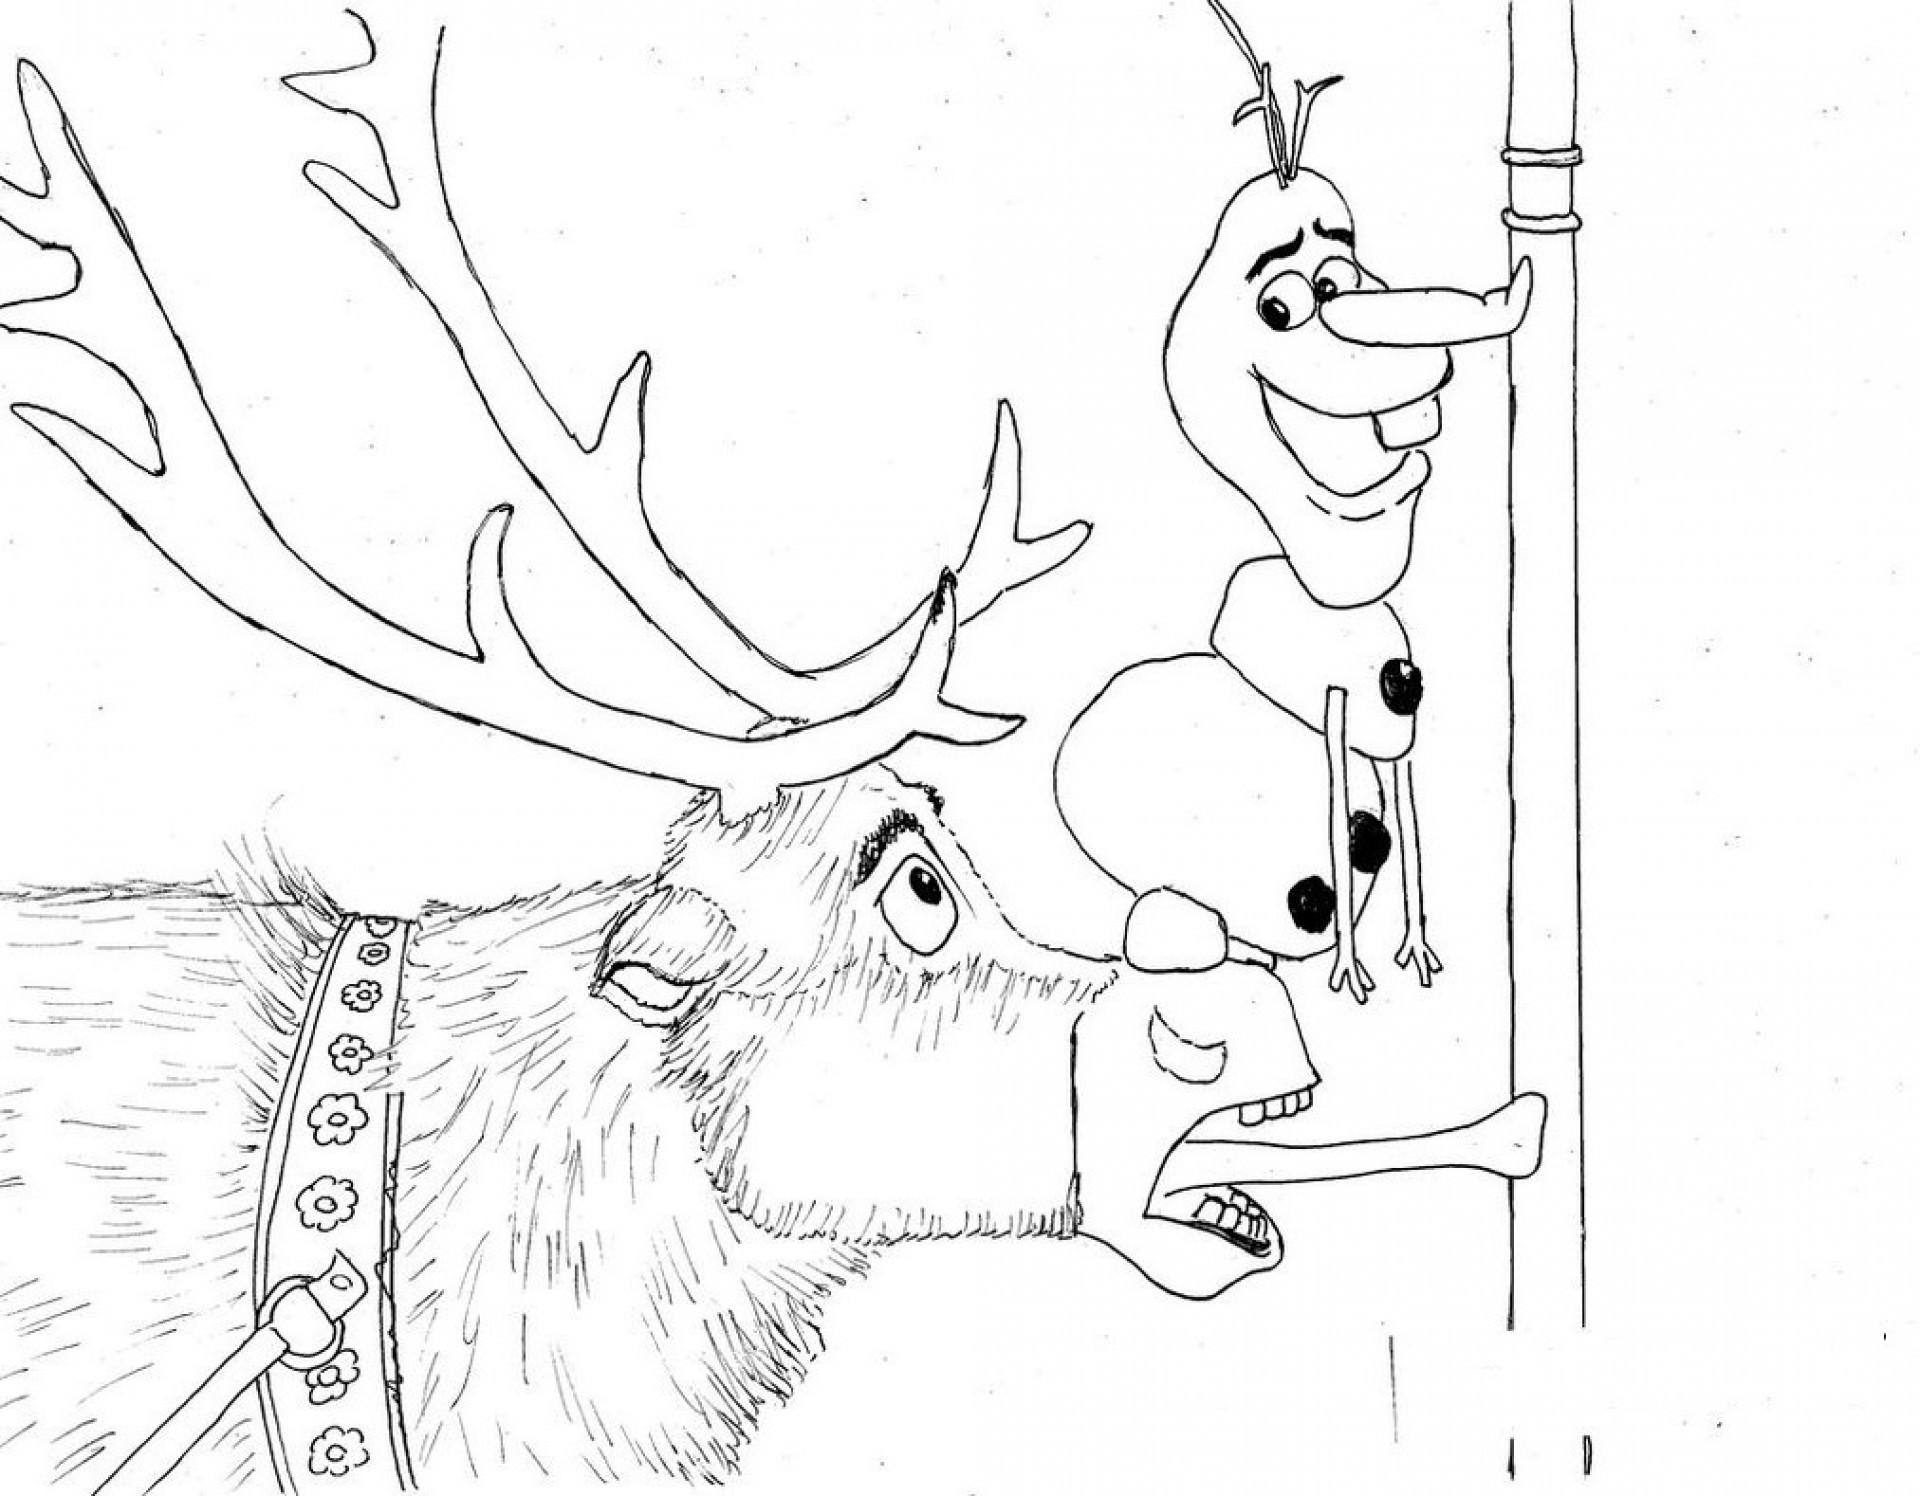 Ausmalbilder Weihnachten Rudolph Frisch 013 Malbuch Raupe Nimmersatt Malvorlage Gratis Sammlung